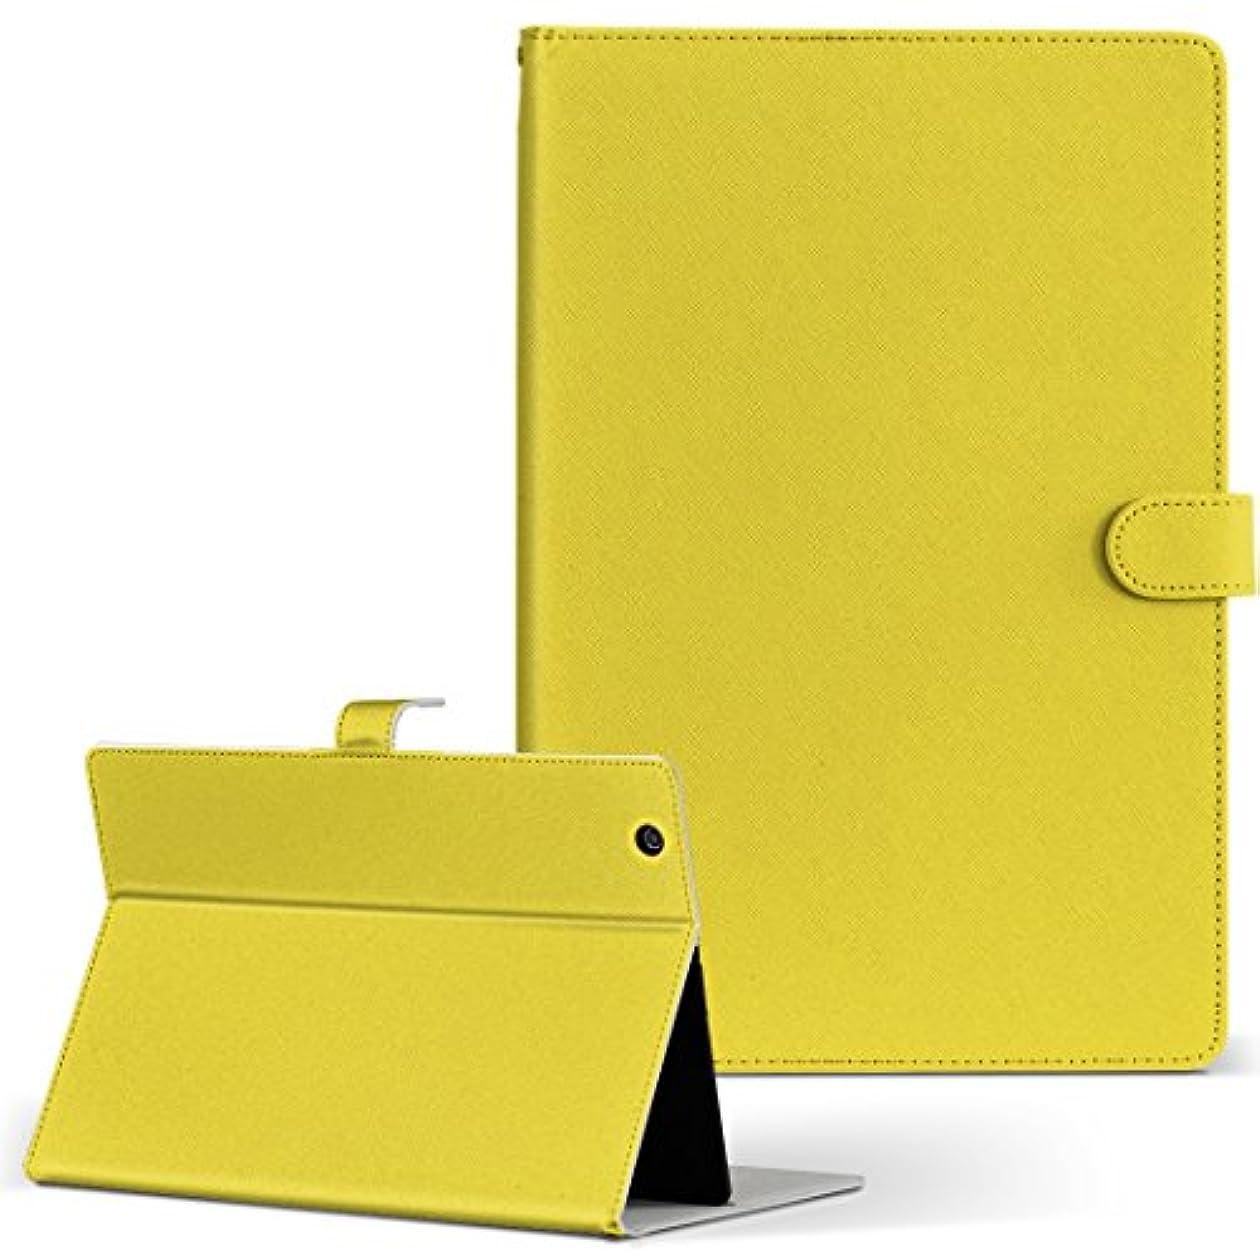 受け皿検査累計igcase Xperia Tablet Z SO-03E SONY ソニー 用 タブレット 手帳型 タブレットケース タブレットカバー カバー レザー ケース 手帳タイプ フリップ ダイアリー 二つ折り 直接貼り付けタイプ 008966 その他 シンプル 無地 黄色